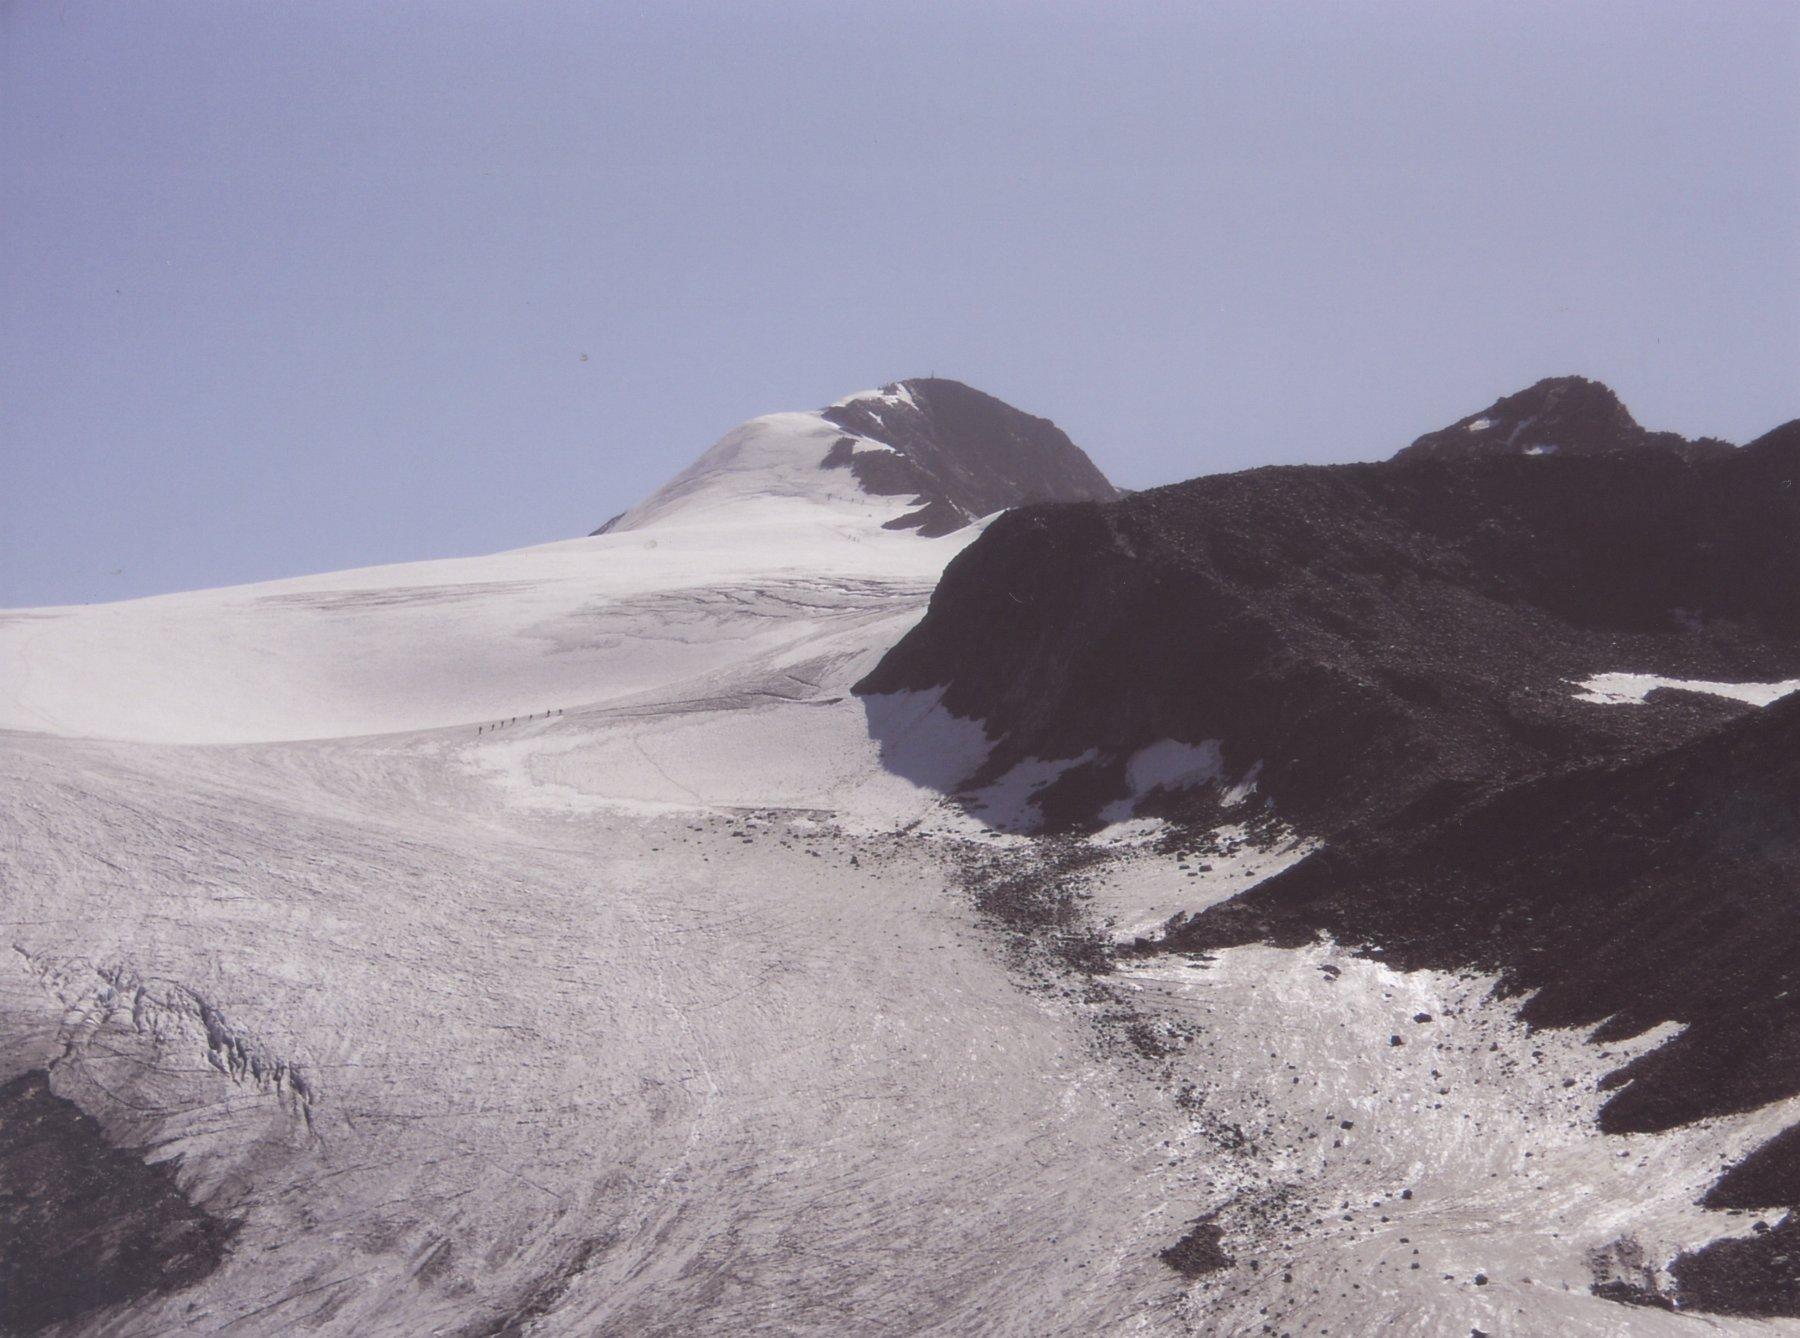 Similaun da Vernago per la Vedretta del Giogo Basso 2011-08-21